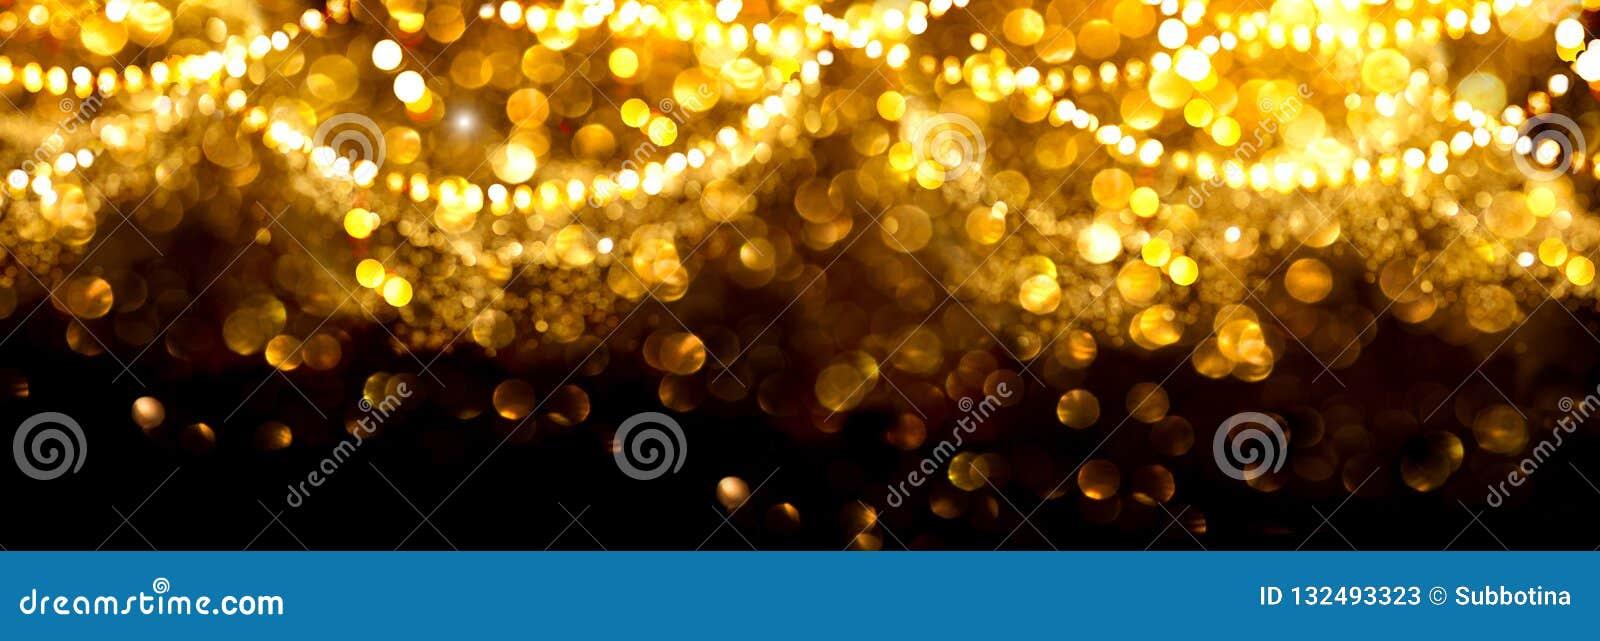 Fondo d ardore dorato di Natale Contesto defocused di scintillio dell estratto di festa dell oro con le stelle e le ghirlande di